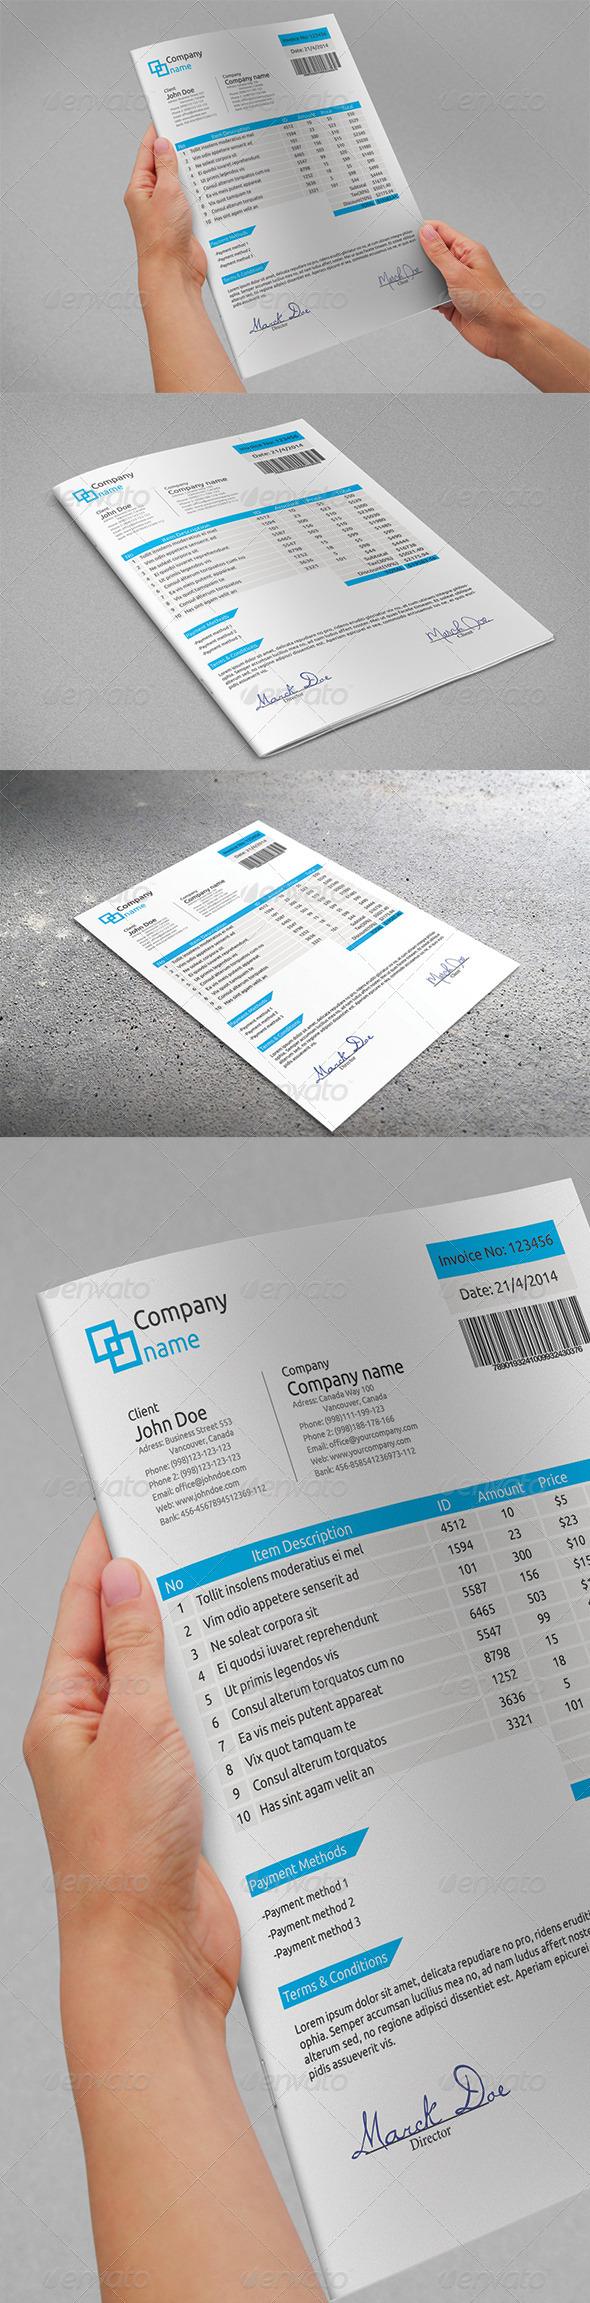 GraphicRiver Favorite Invoice 5458141